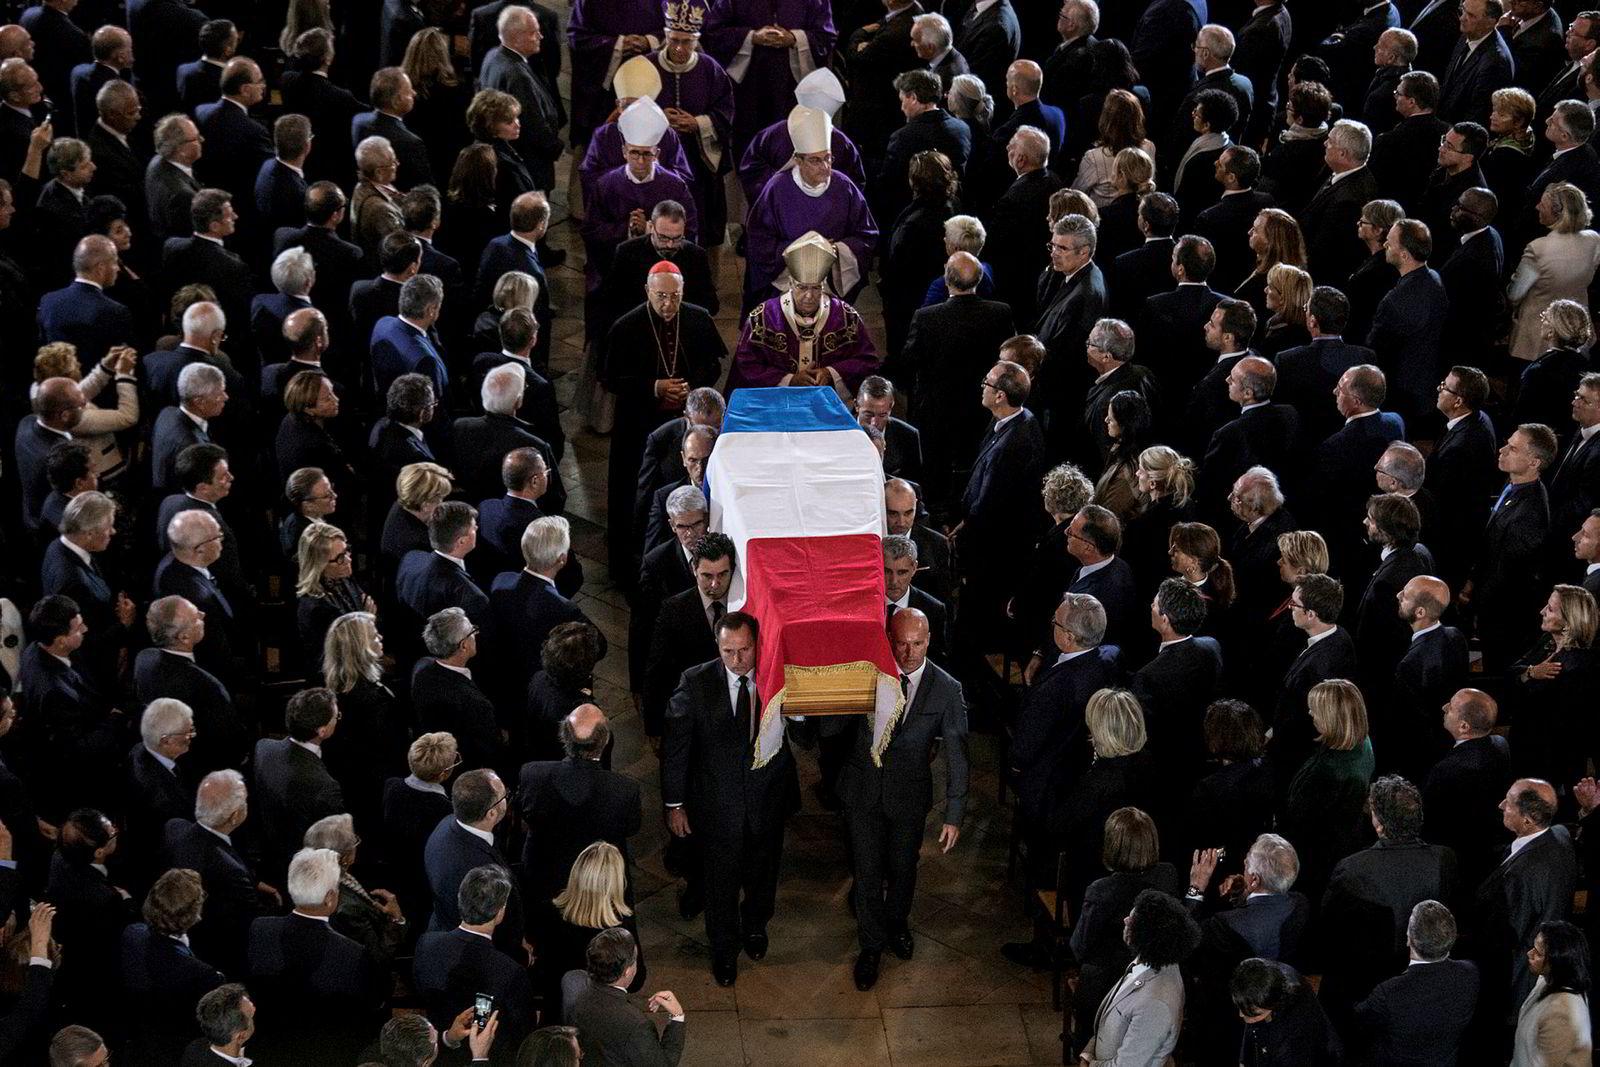 Den tidligere presidenten for Frankrike, Jacques Chirac, som døde i en alder av 86 år, ble begravd på Montparnasse-kirkegården i Paris mandag.